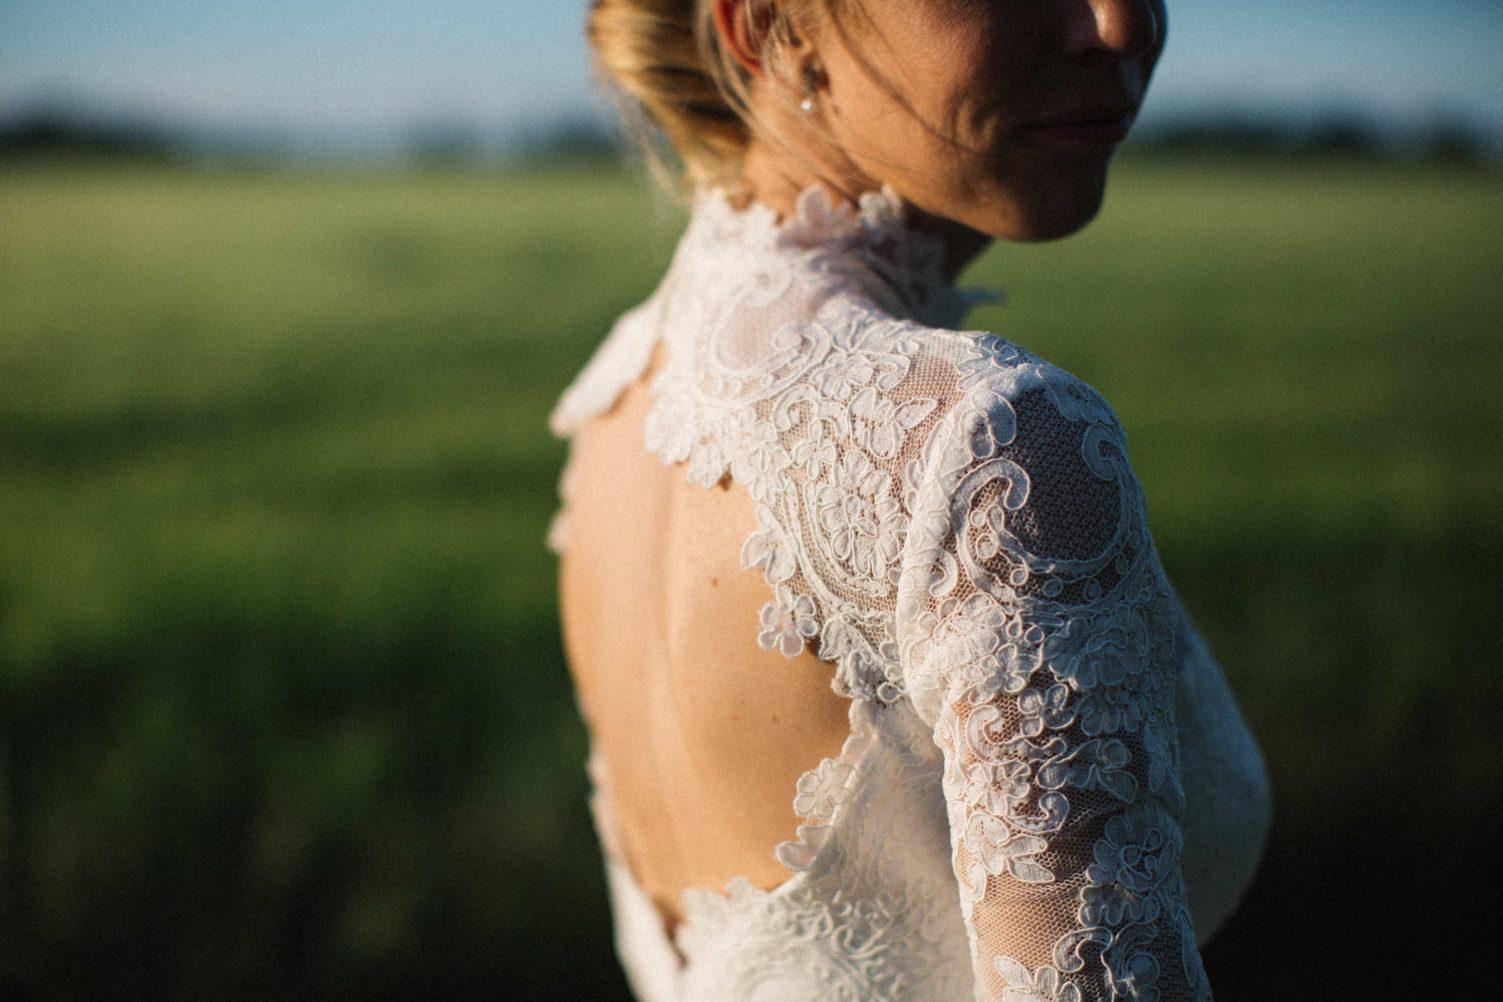 Porträtt på brud i solnedgång, bröllopet skedde på Idala Gård utanför Trelleborg. Fotograf är Tove Lundquist, bröllopsfotograf Skåne.